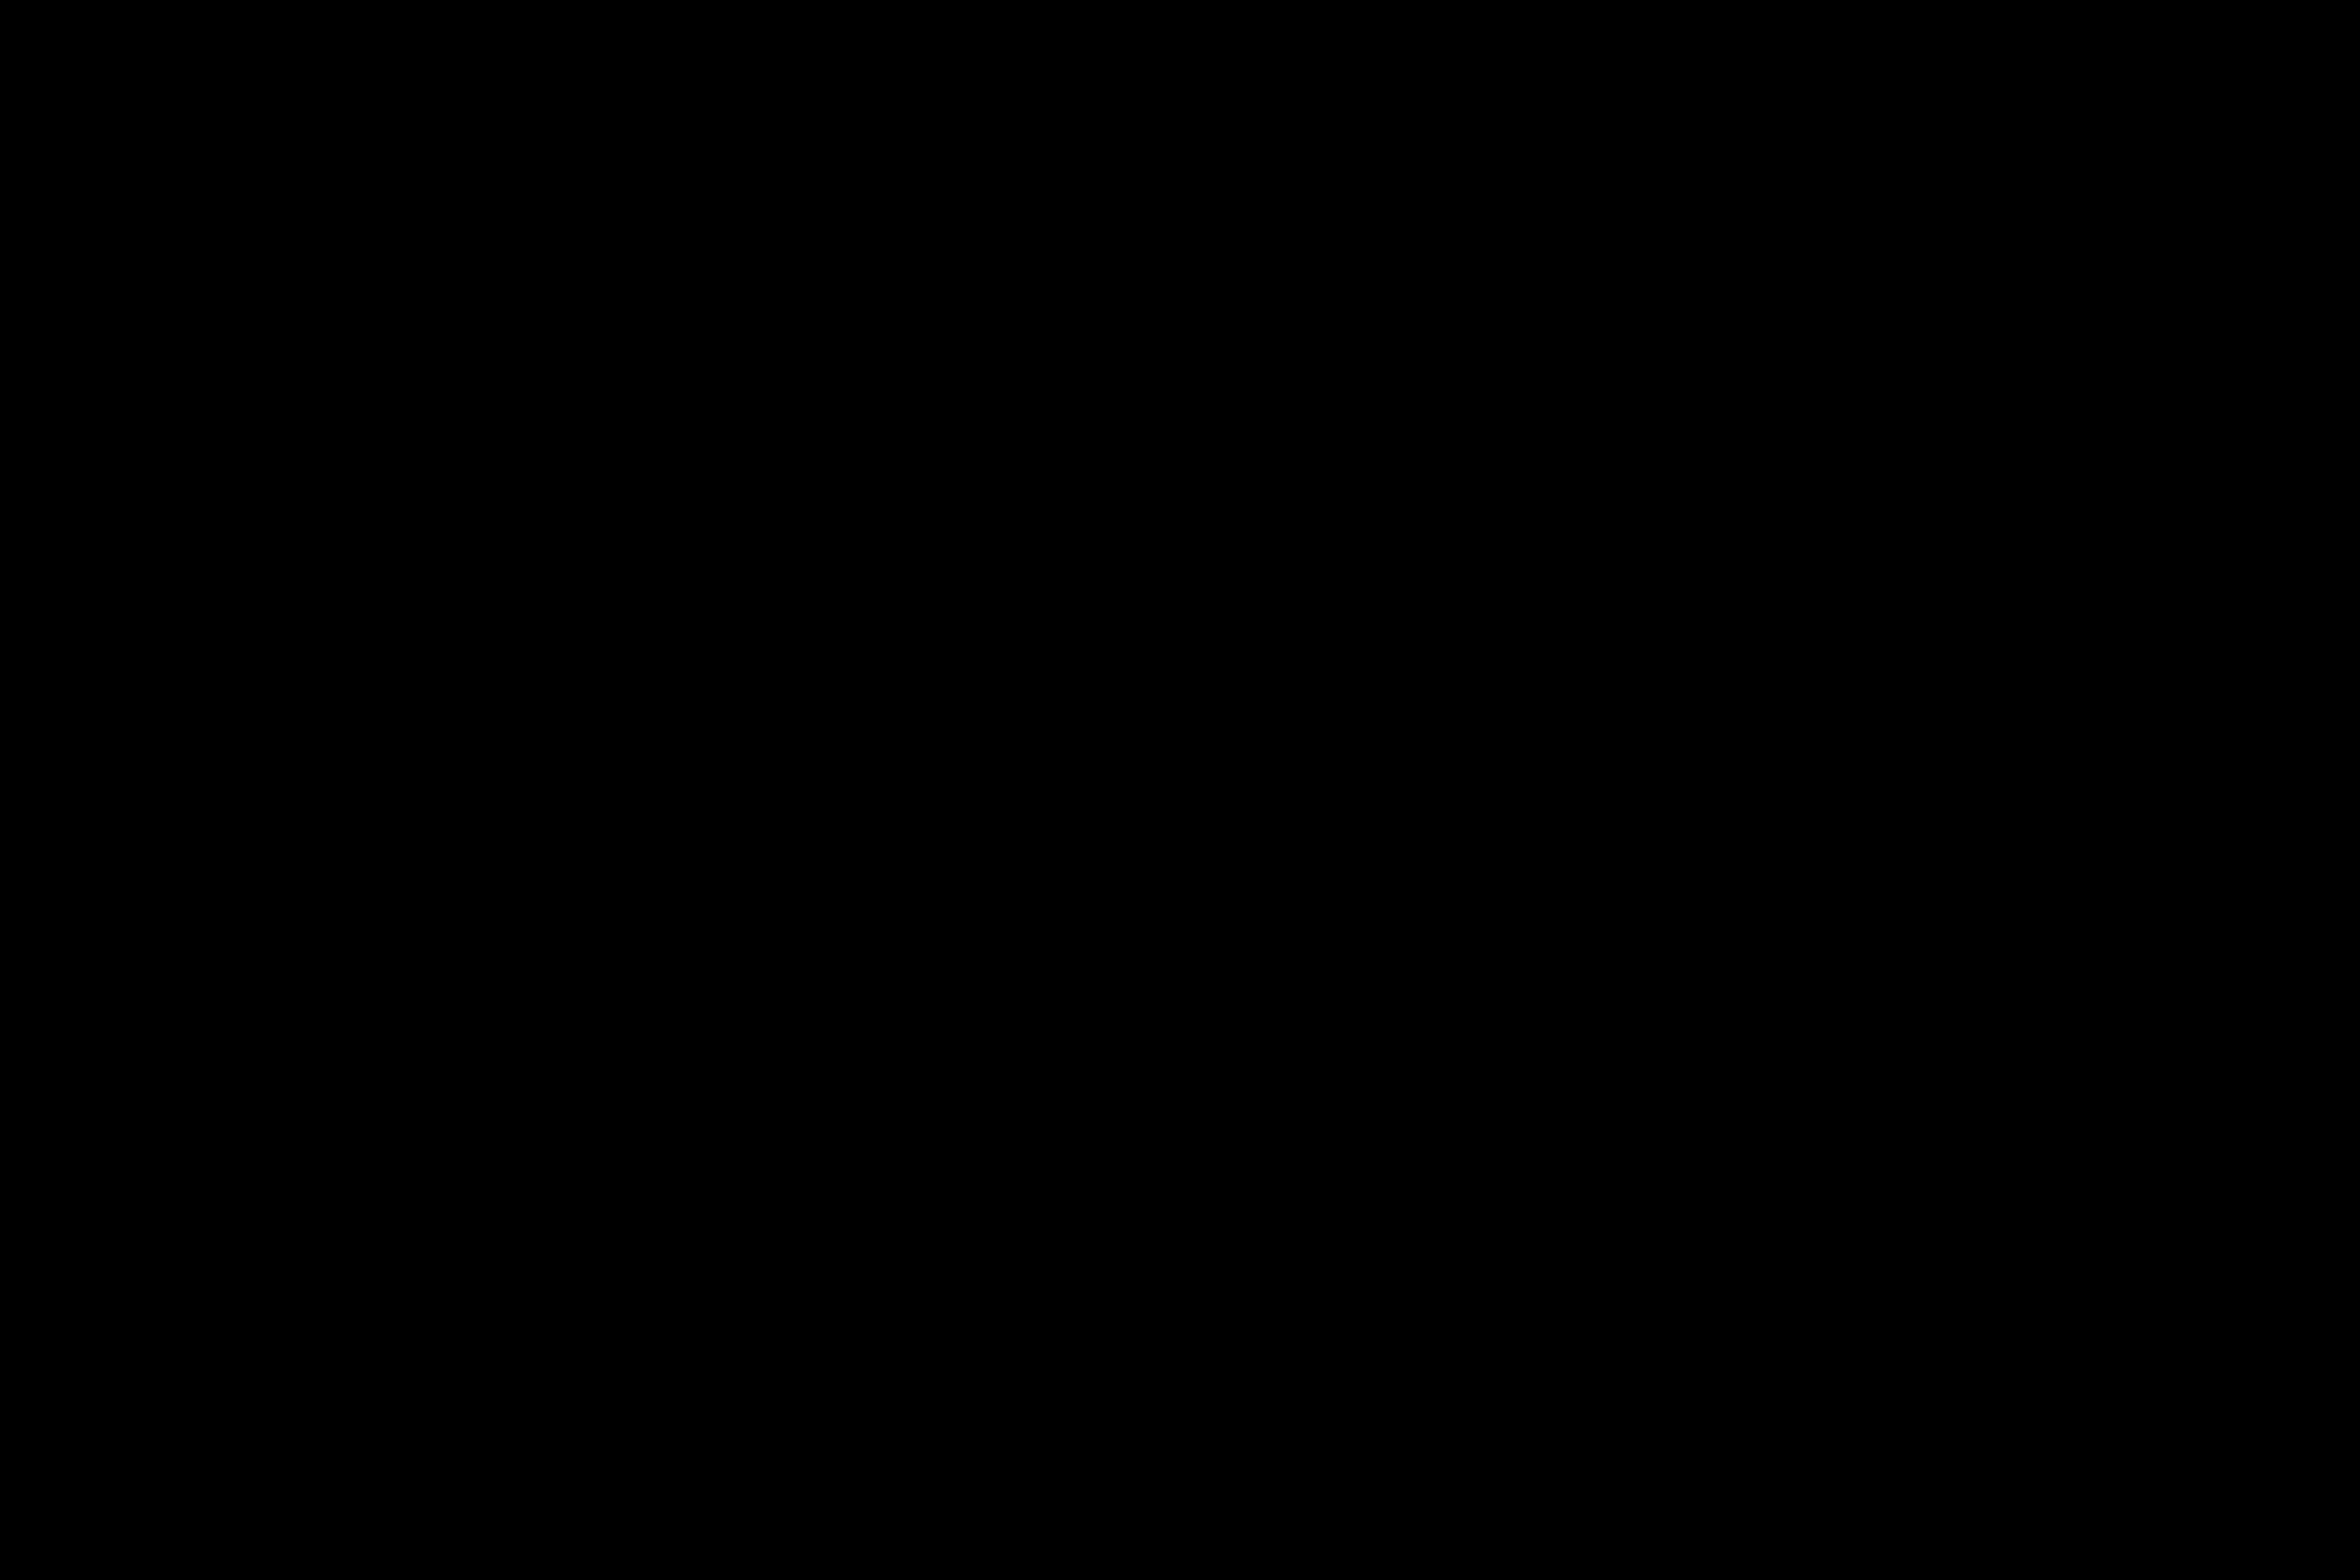 """Pacchetto di branding """"Hanna Doe"""" Design con cuore"""